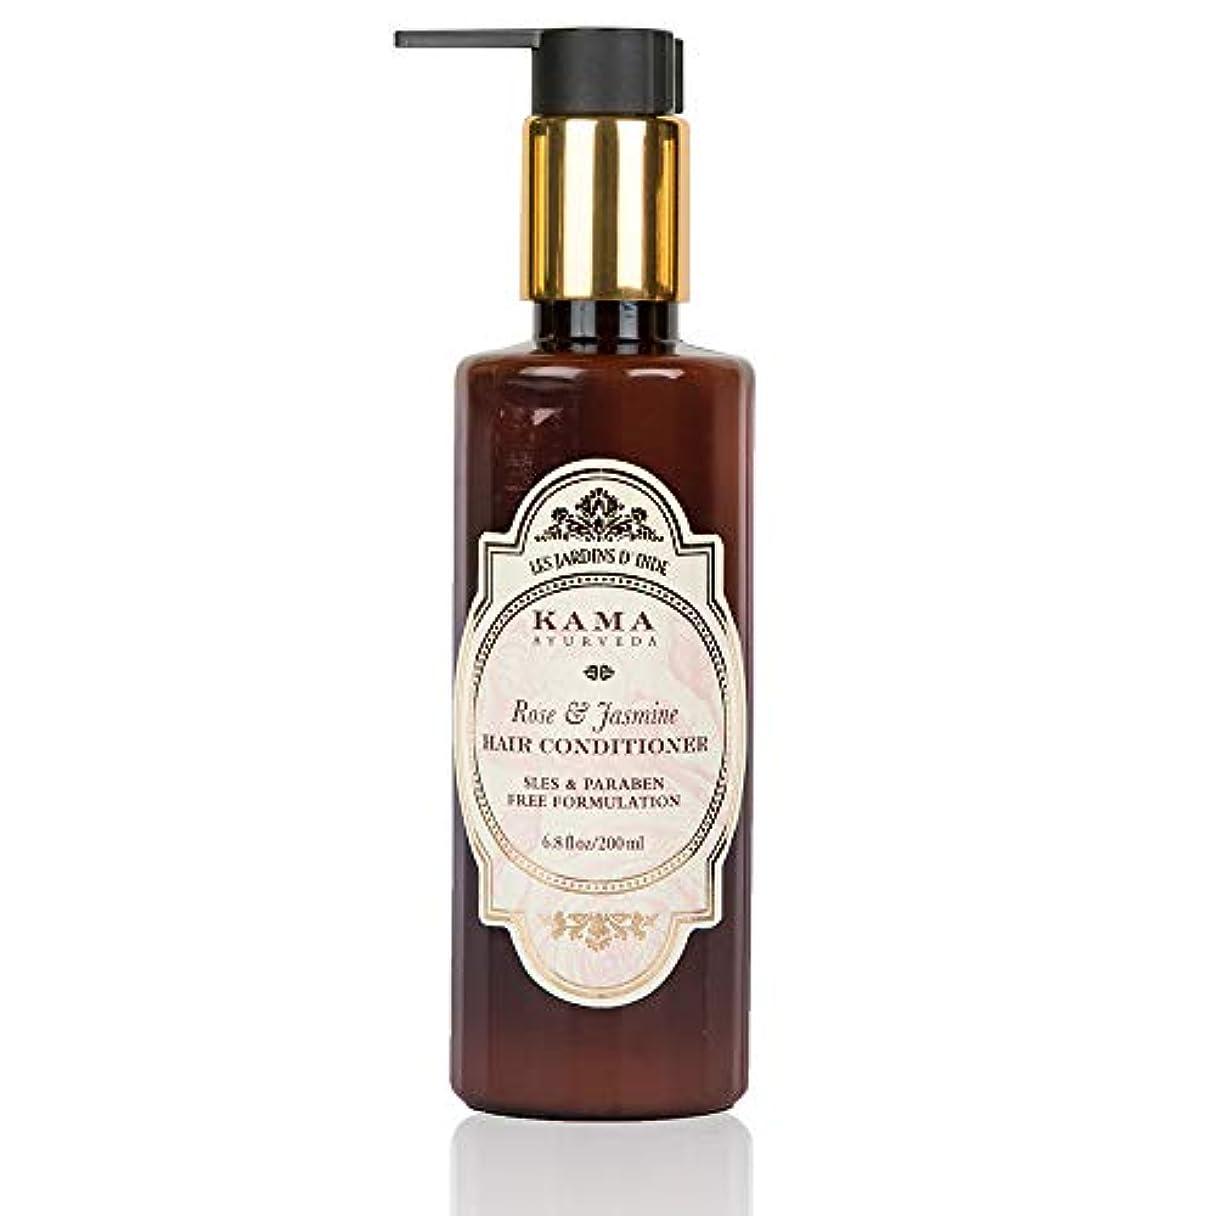 排除脳剃るKAMA AYURVEDA ローズ&ジャスミン ヘアコンディショナー Rose & Jasmine Hair Conditioner 200ml